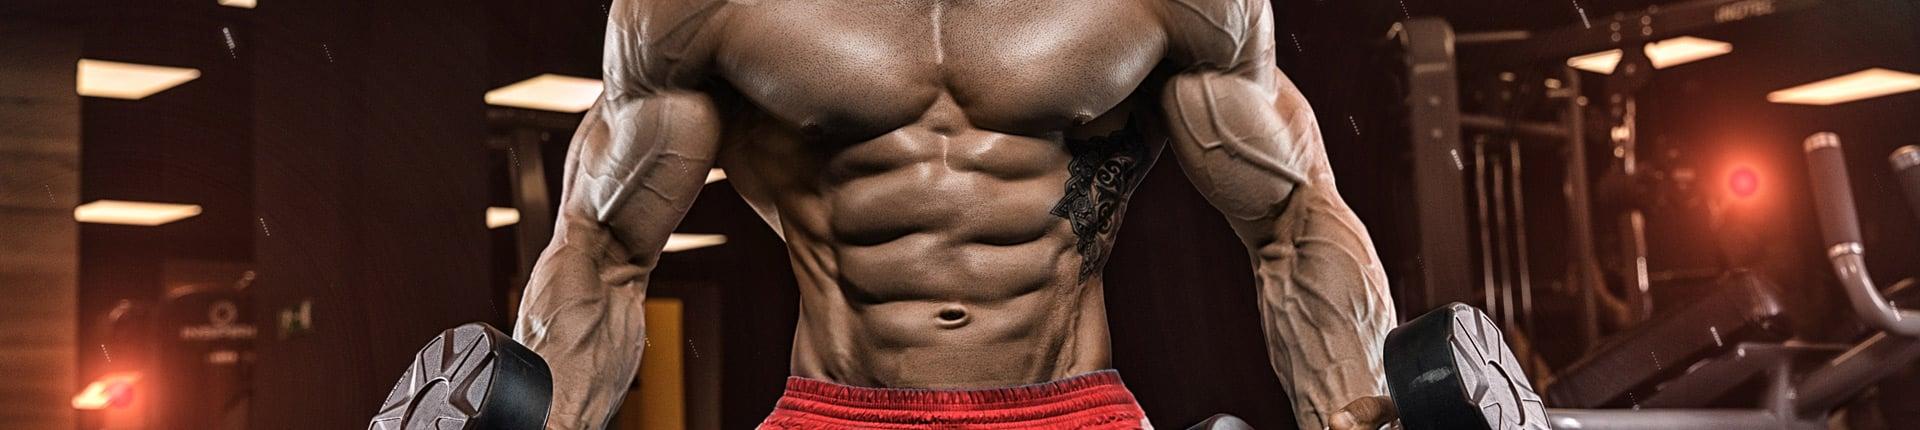 Trening na masę - zasady, przykładowy trening